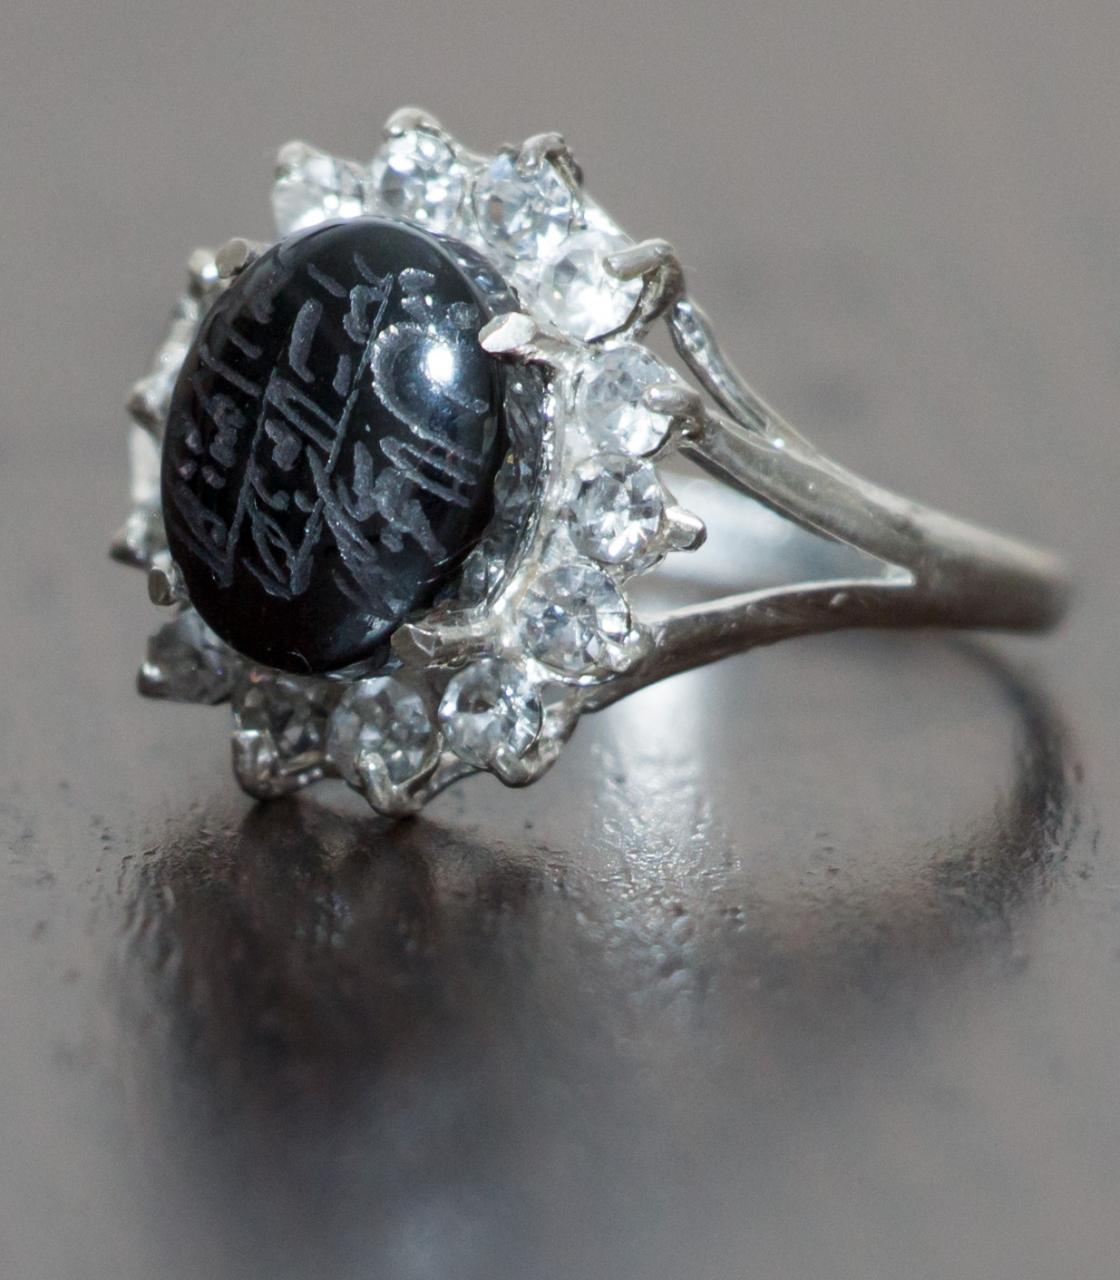 Hadid Sieni (Onyx) Silberring graviert mit Allahs Namen (Schutz Gebet)